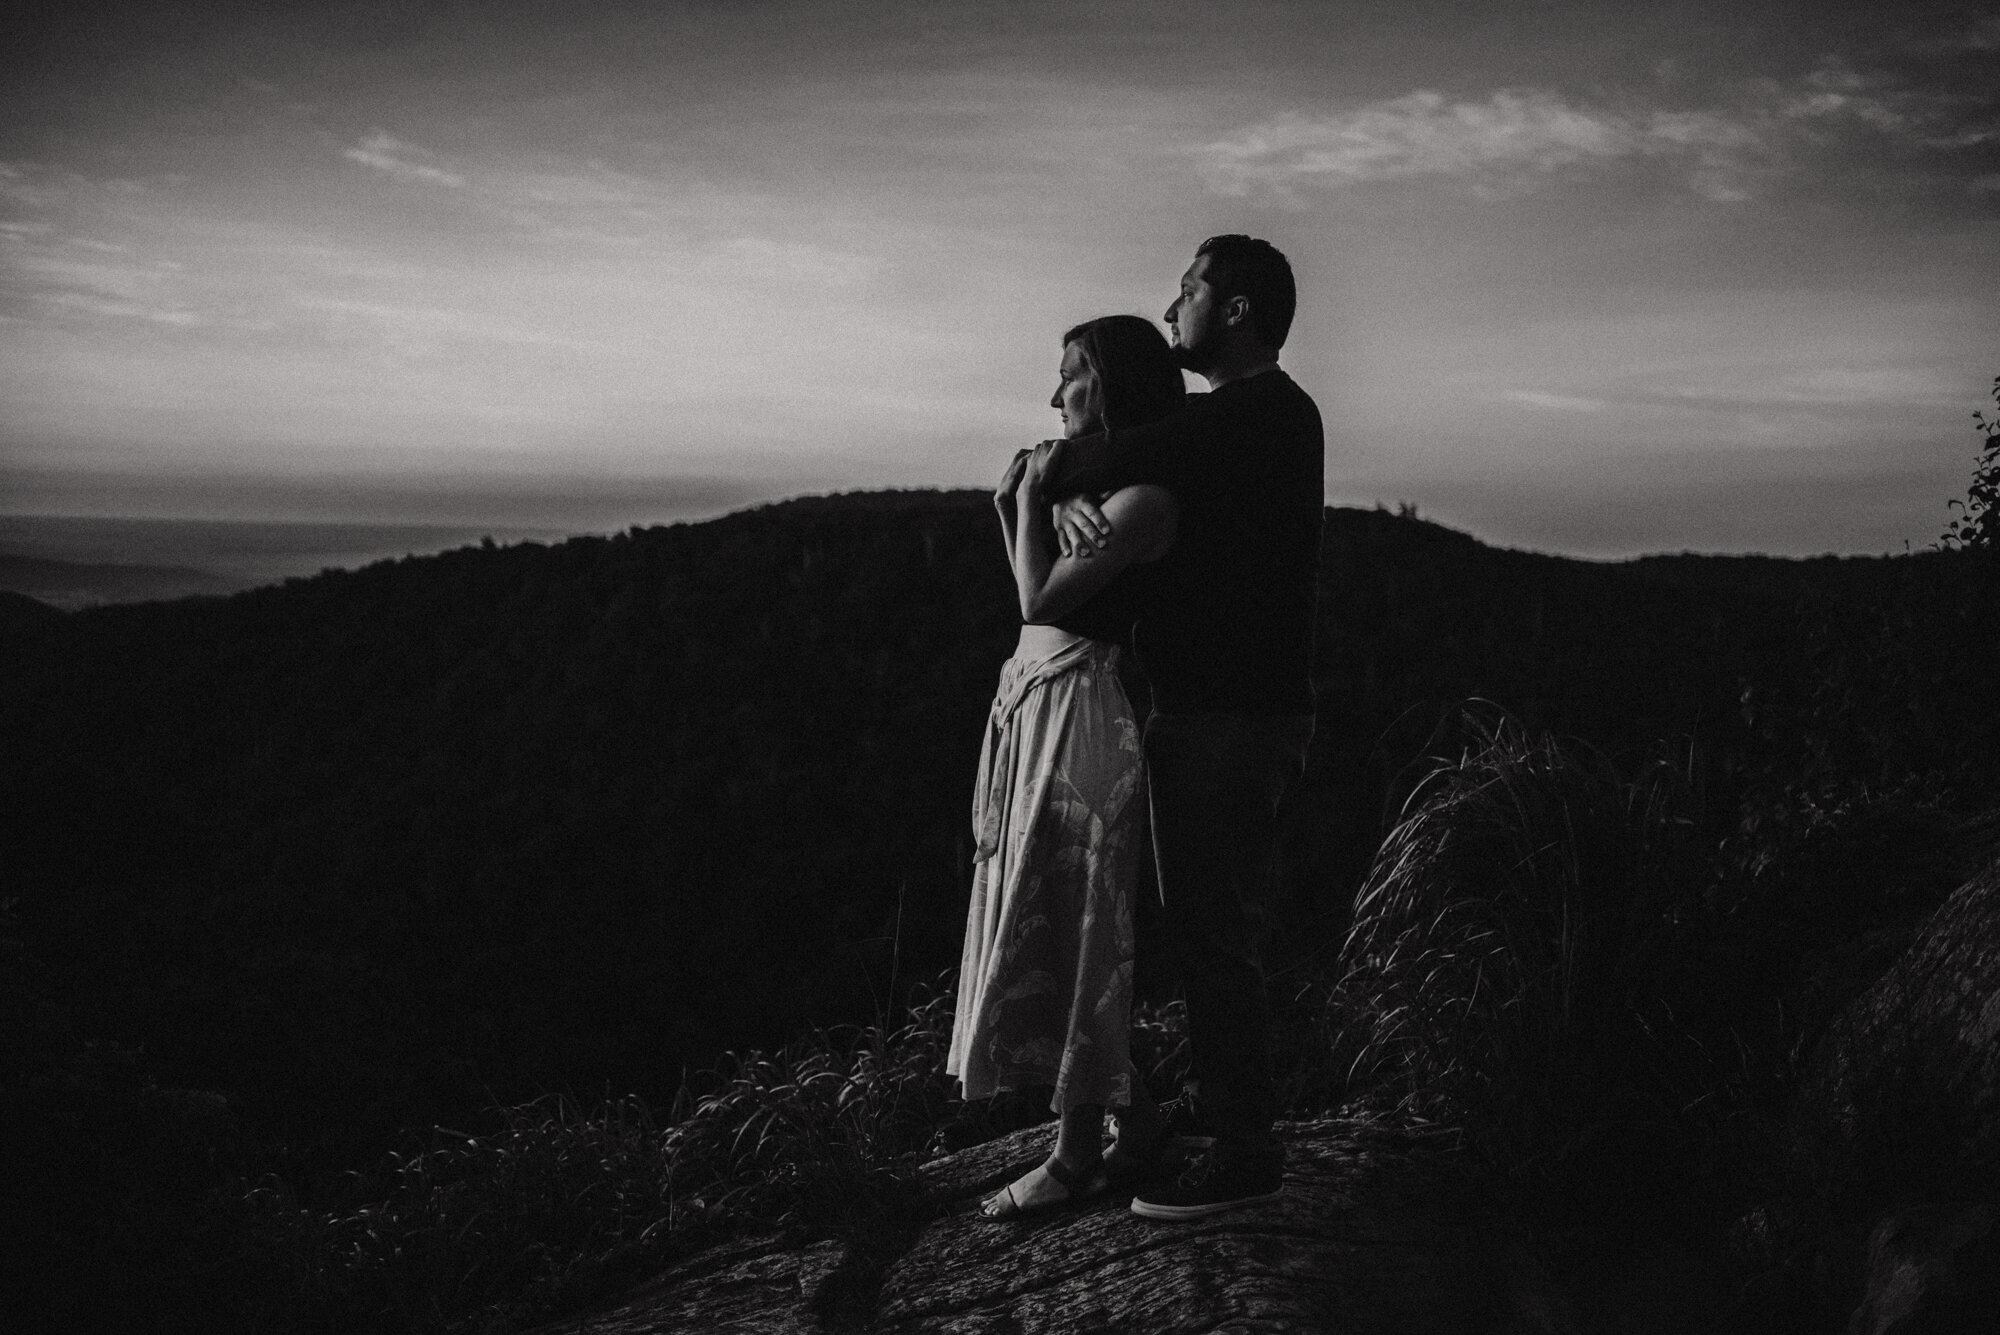 Shenandoah National Park Engagement Session - Sunrise Mountain Couple Photo Shoot - Blue Ridge Mountain Photo Shoot - Shenandoah National Park Photographer - White Sails Creative _2.jpg